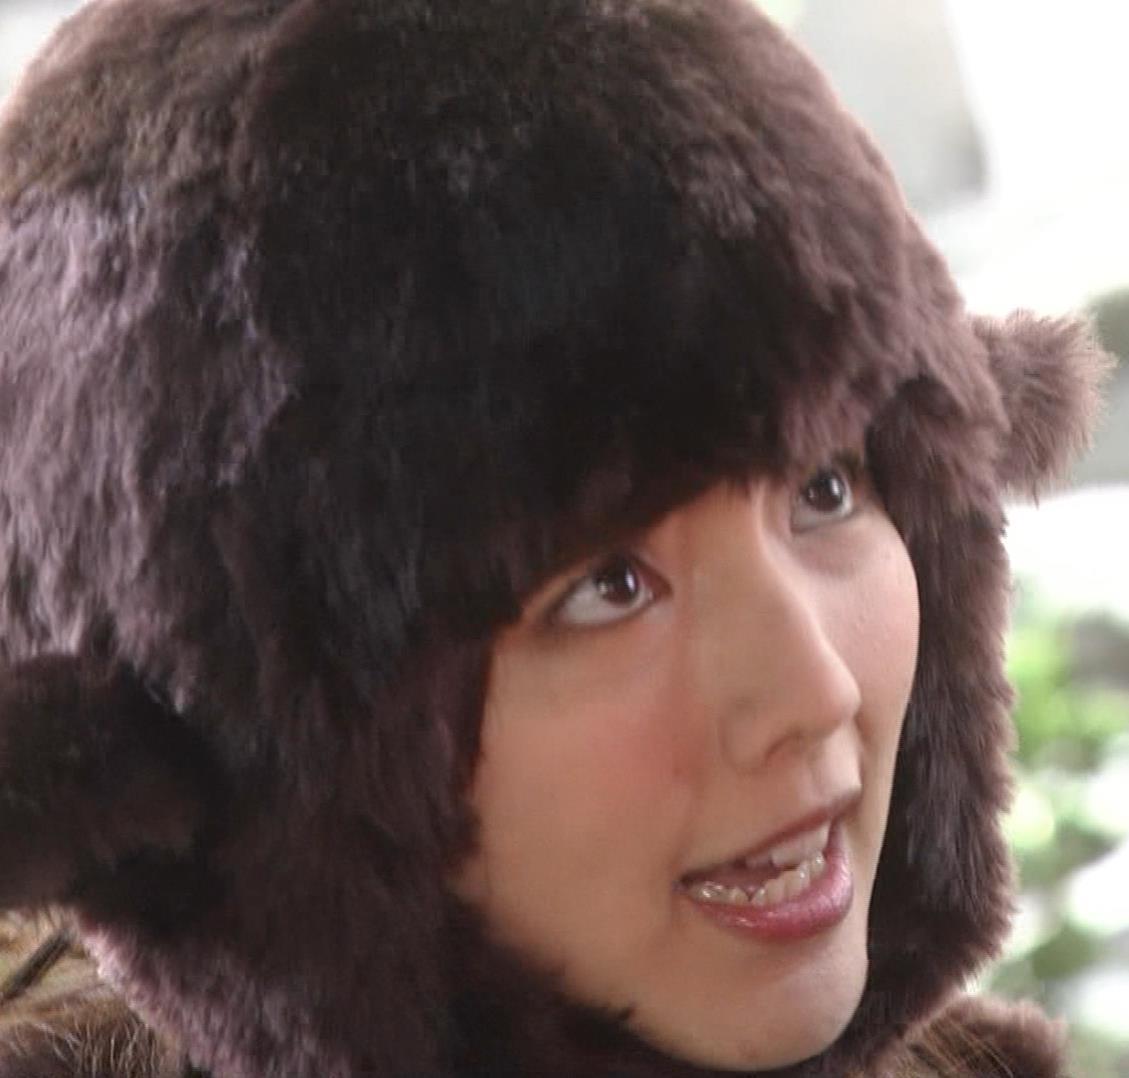 真野恵里菜 コントでのミニスカ太ももキャプ・エロ画像8